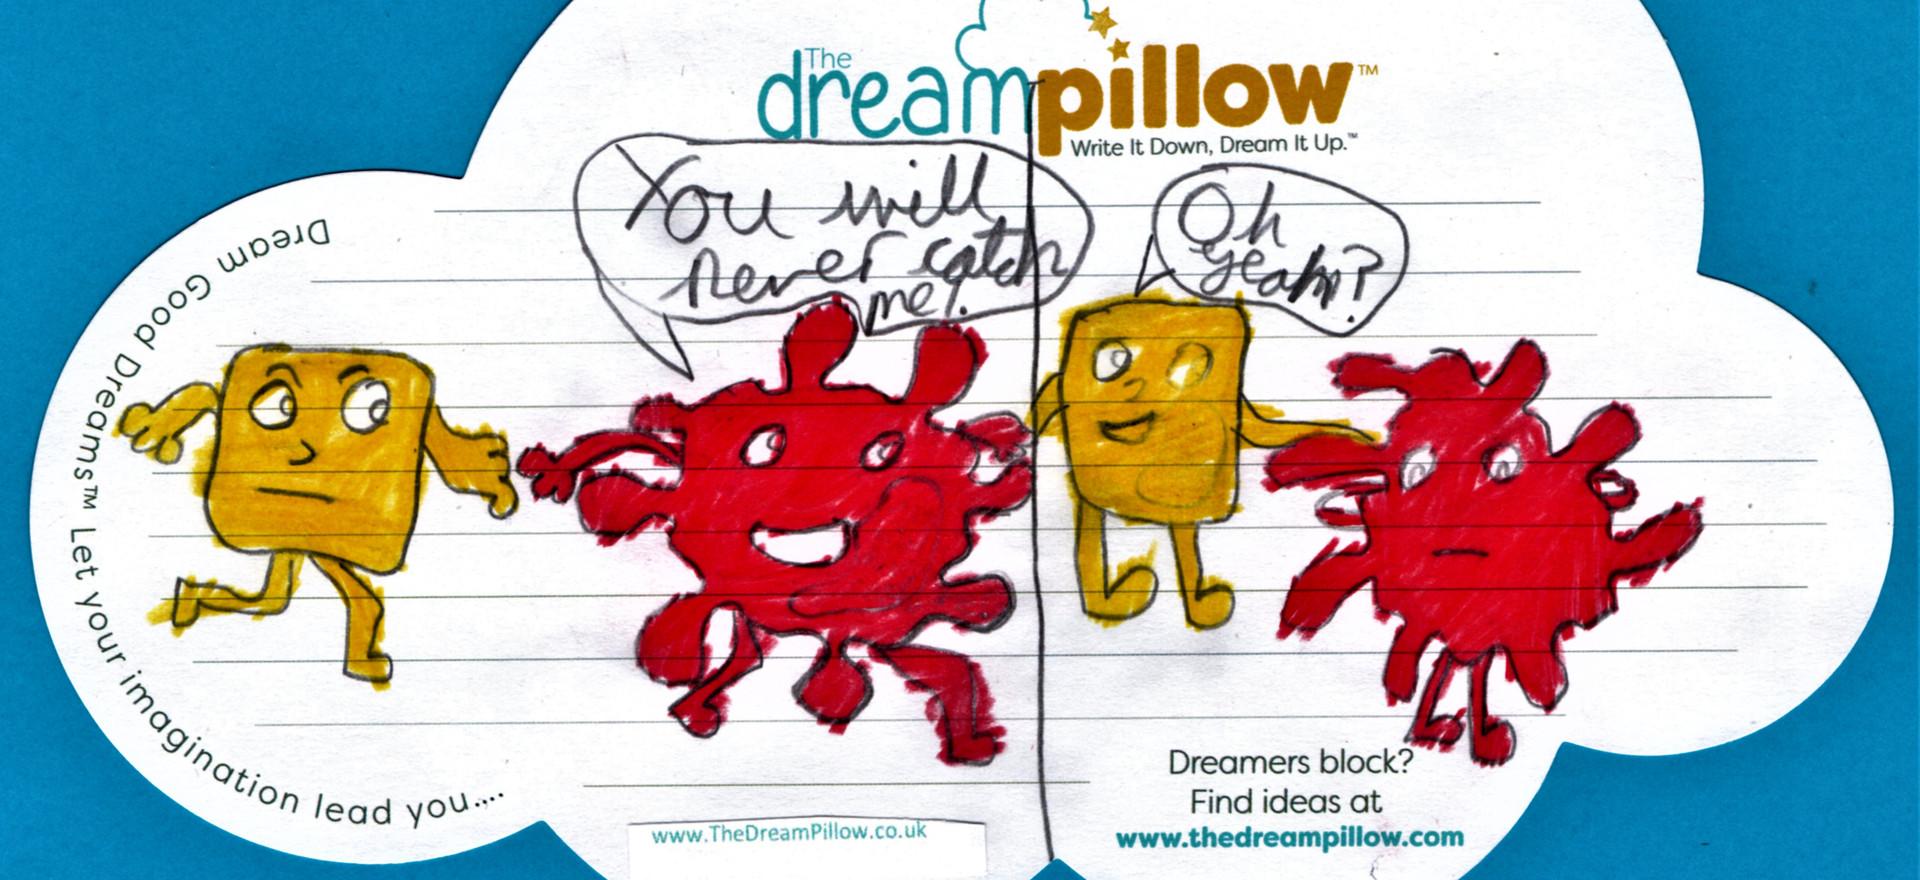 Rachel qui habite dans le Devon nous a envoyé son rêve en deux parties.